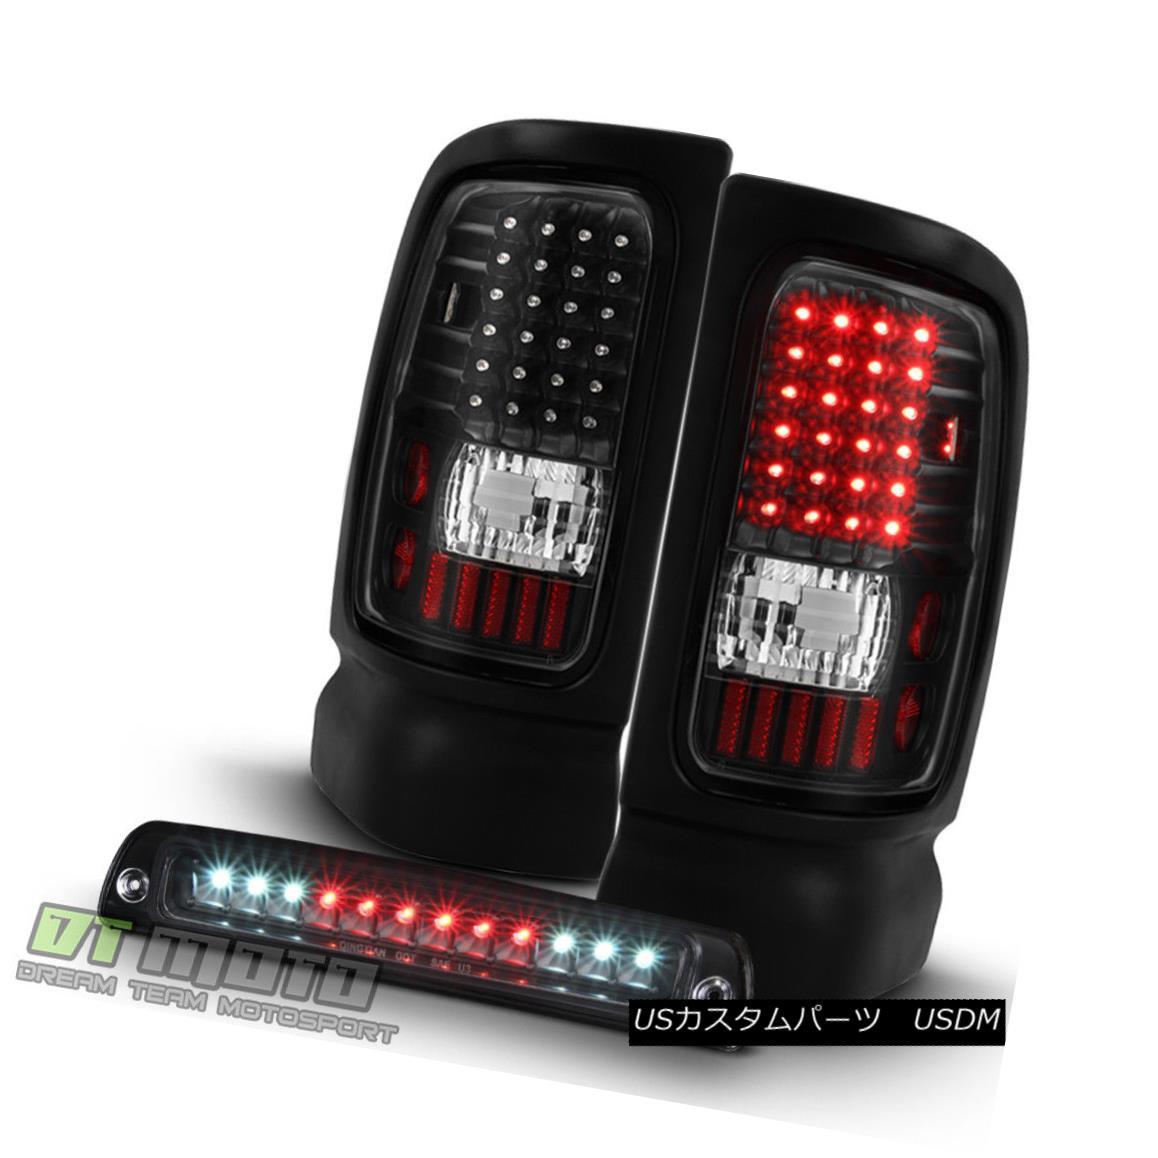 テールライト Black 1994-2001 Dodge Ram 1500 2500 3500 LED Tail Lights+LED 3rd Brake Lamp Set Black 1994-2001 Dodge Ram 1500 2500 3500 LEDテールライト+ LED第3ブレーキランプセット